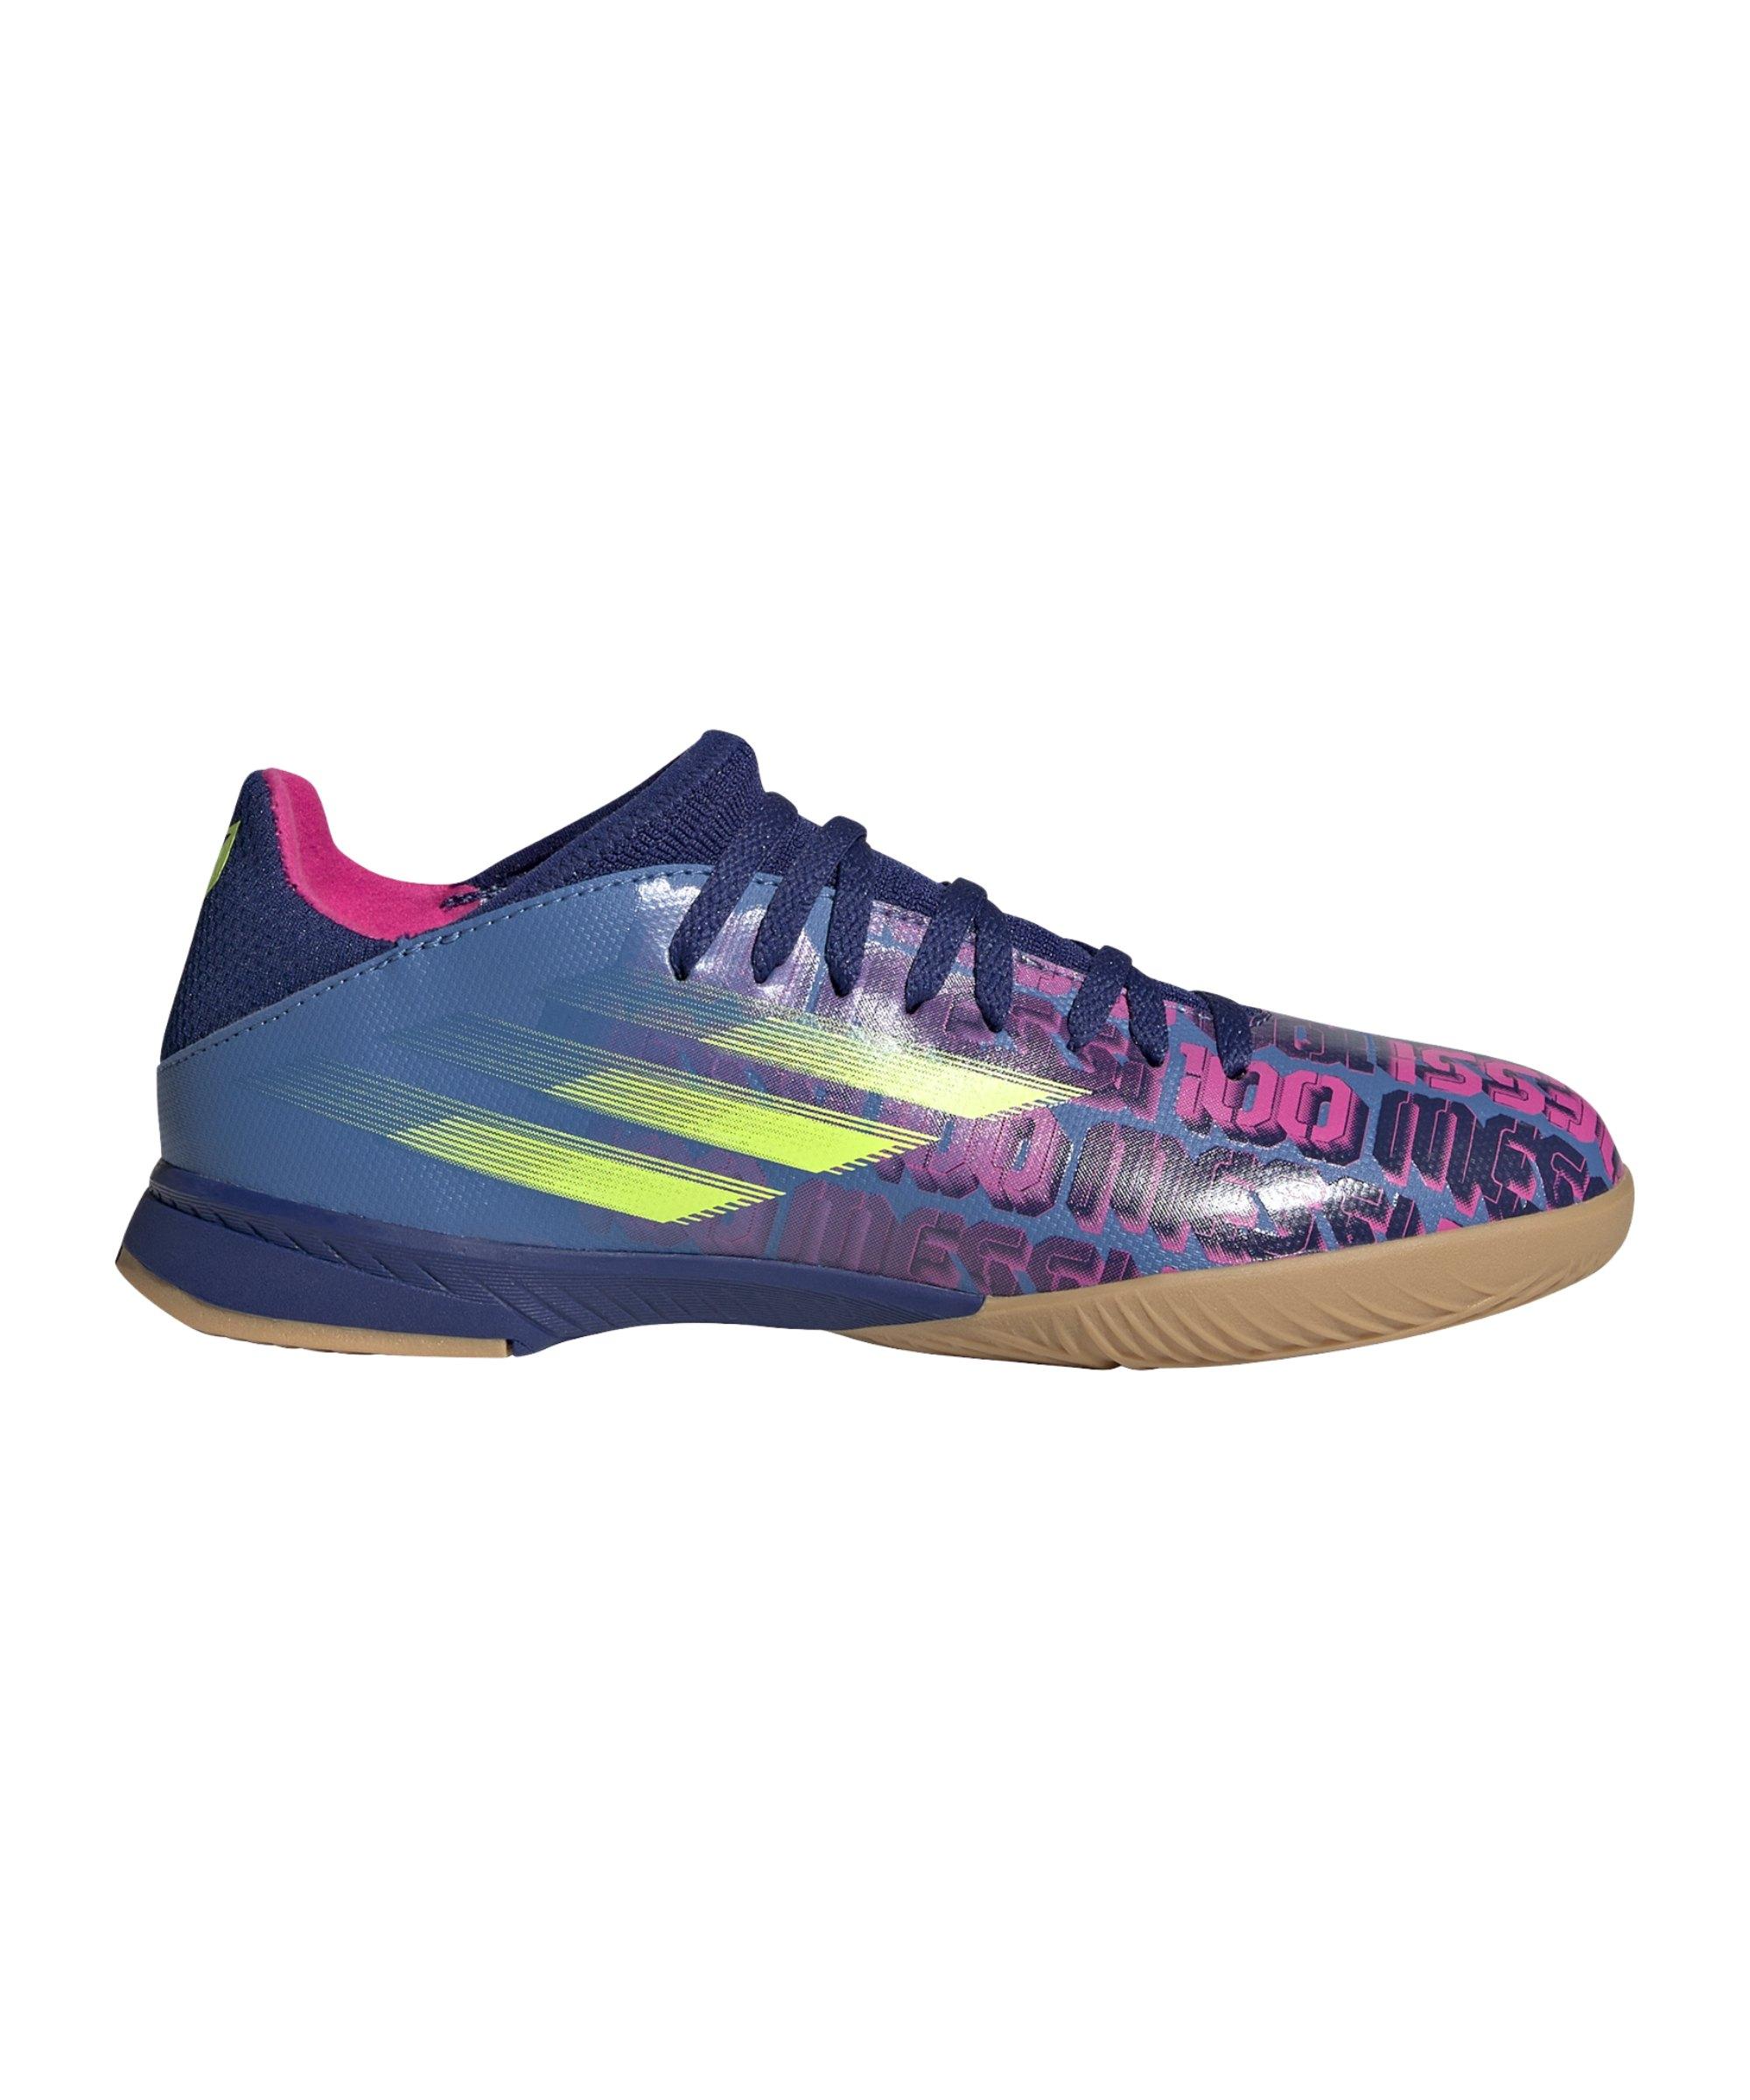 adidas X SPEEDFLOW.3 IN Halle Messi Unparalleled J Kids Blau - blau